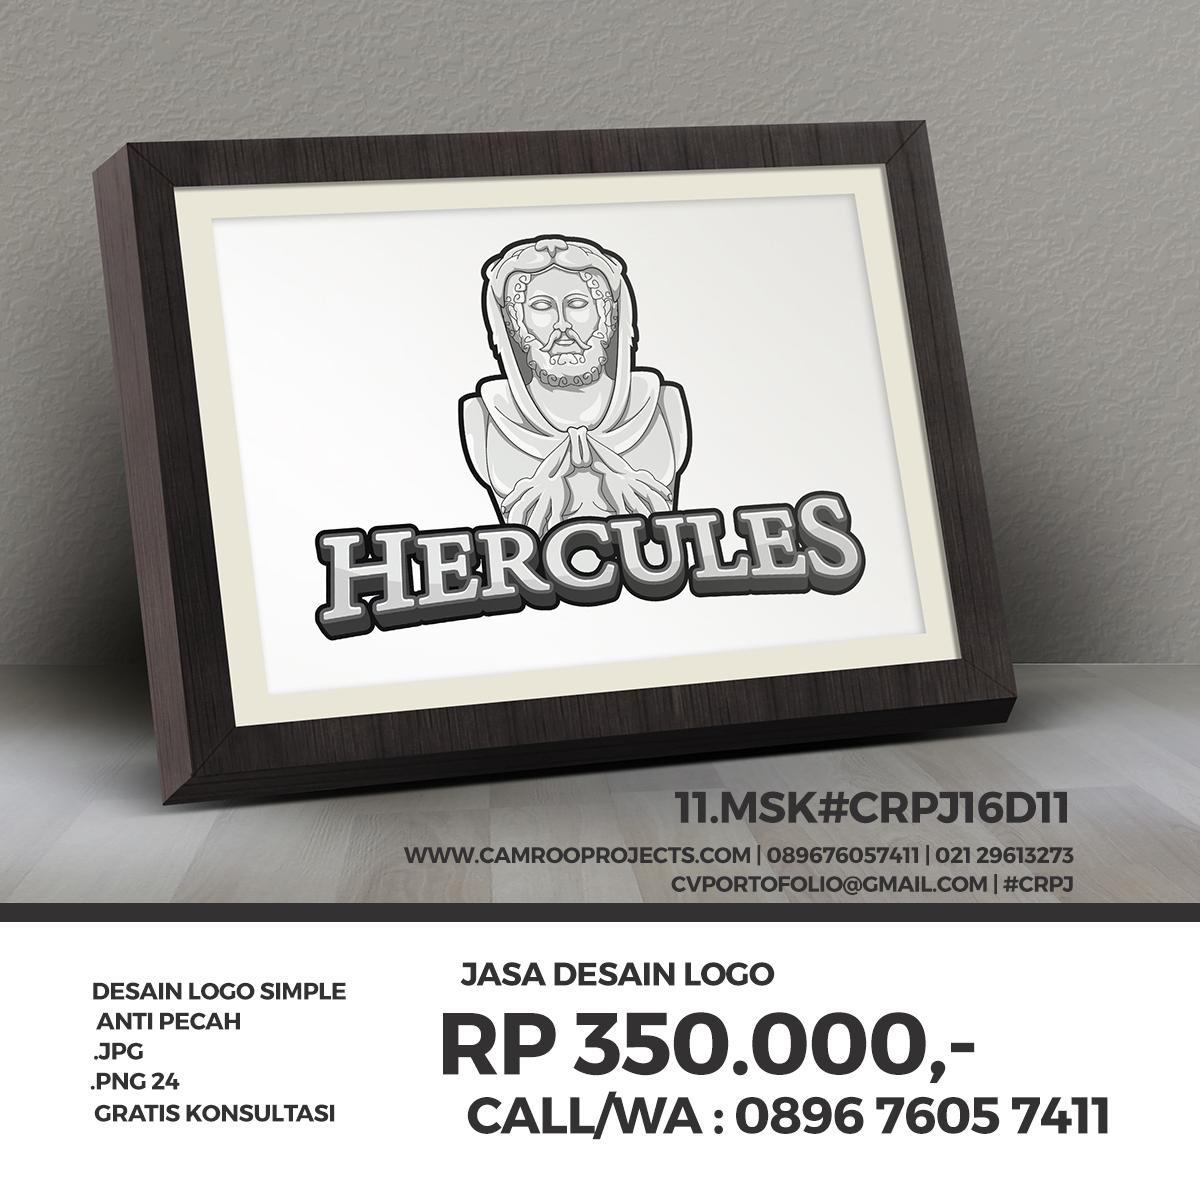 Harga Jasa Pembuatan Grafis professional di Jakarta